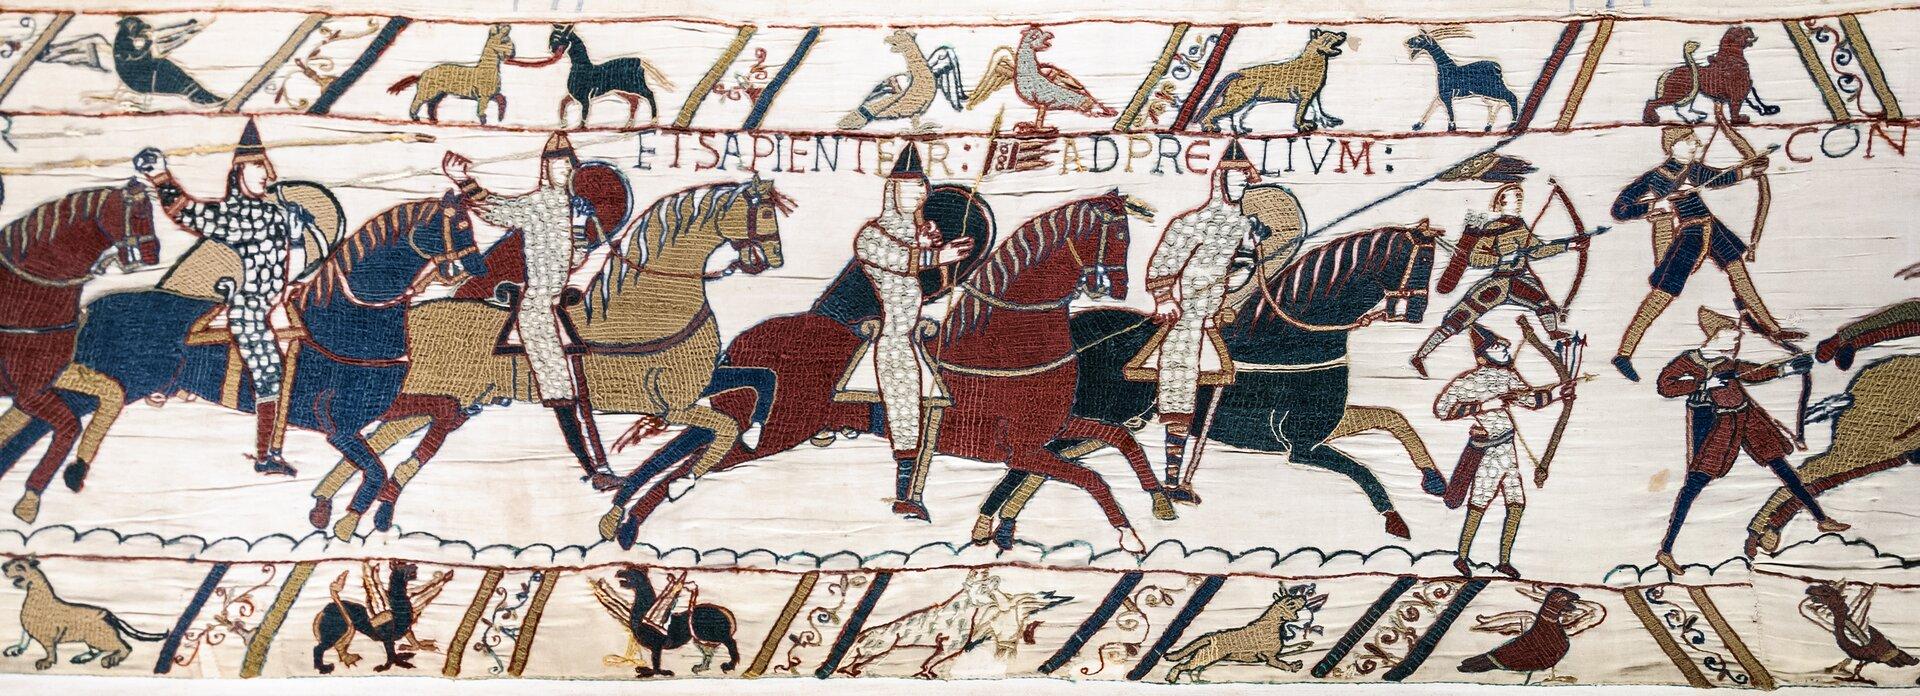 Ilustracja przedstawia fragment tkaniny zBayeux. Ukazuje podbój Anglii przez Wilhelma Pierwszego Zdobywcę. Na ilustracji przedstawieni są rycerze na koniach. Po prawej stronie stoi czterech łuczników. Po lewej stronie konno jadą rycerze zpodniesionymi rękoma. Nad nimi zamieszczony jest pas zsymbolami zwierzęcymi oraz napis wjęzyku łacińskim. Na dole ukazane są miniatury ze sceny walki.